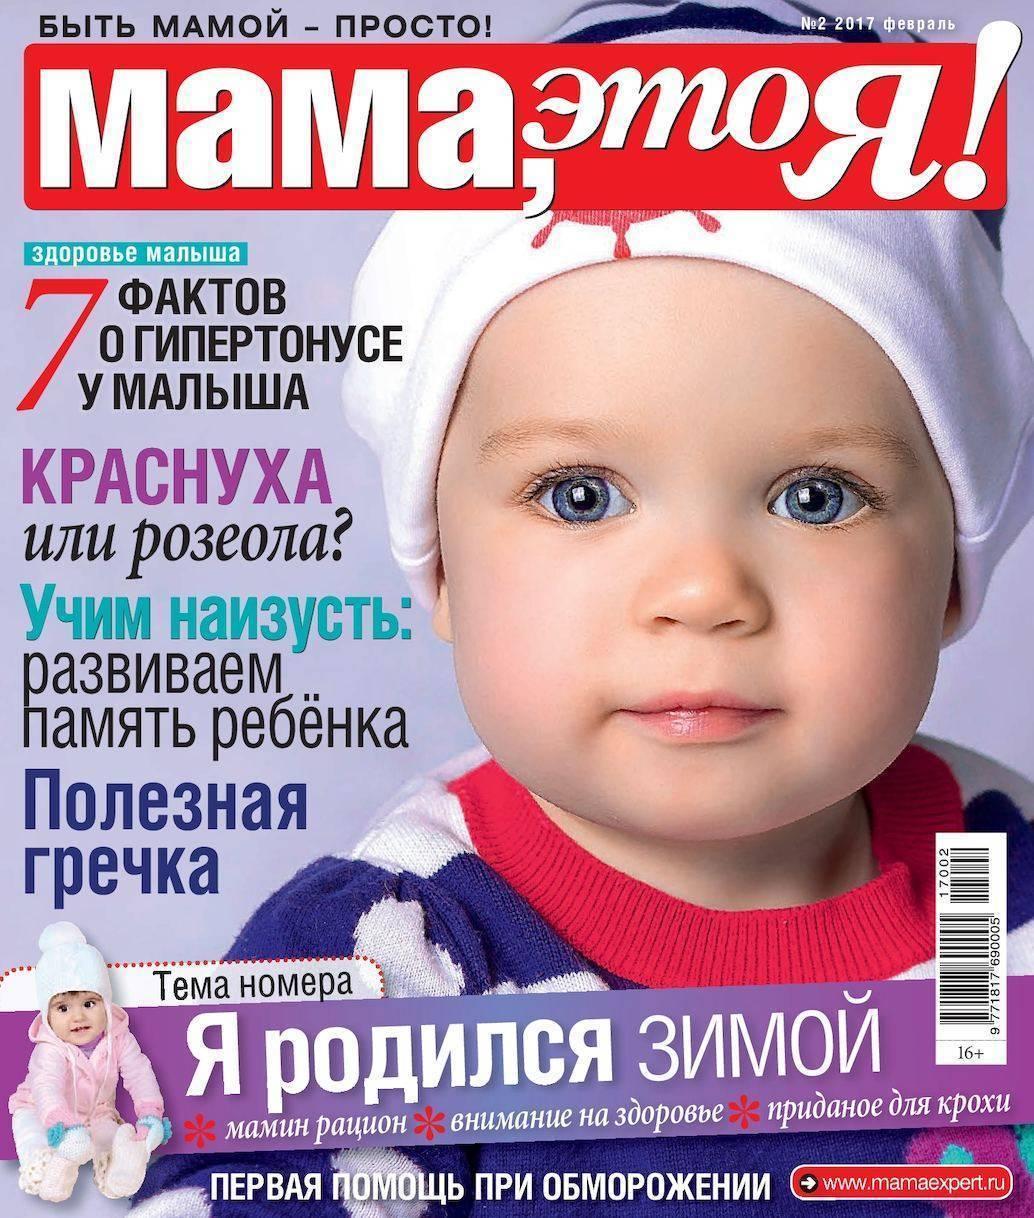 Как правильно держать новорожденного столбиком и нужно ли?